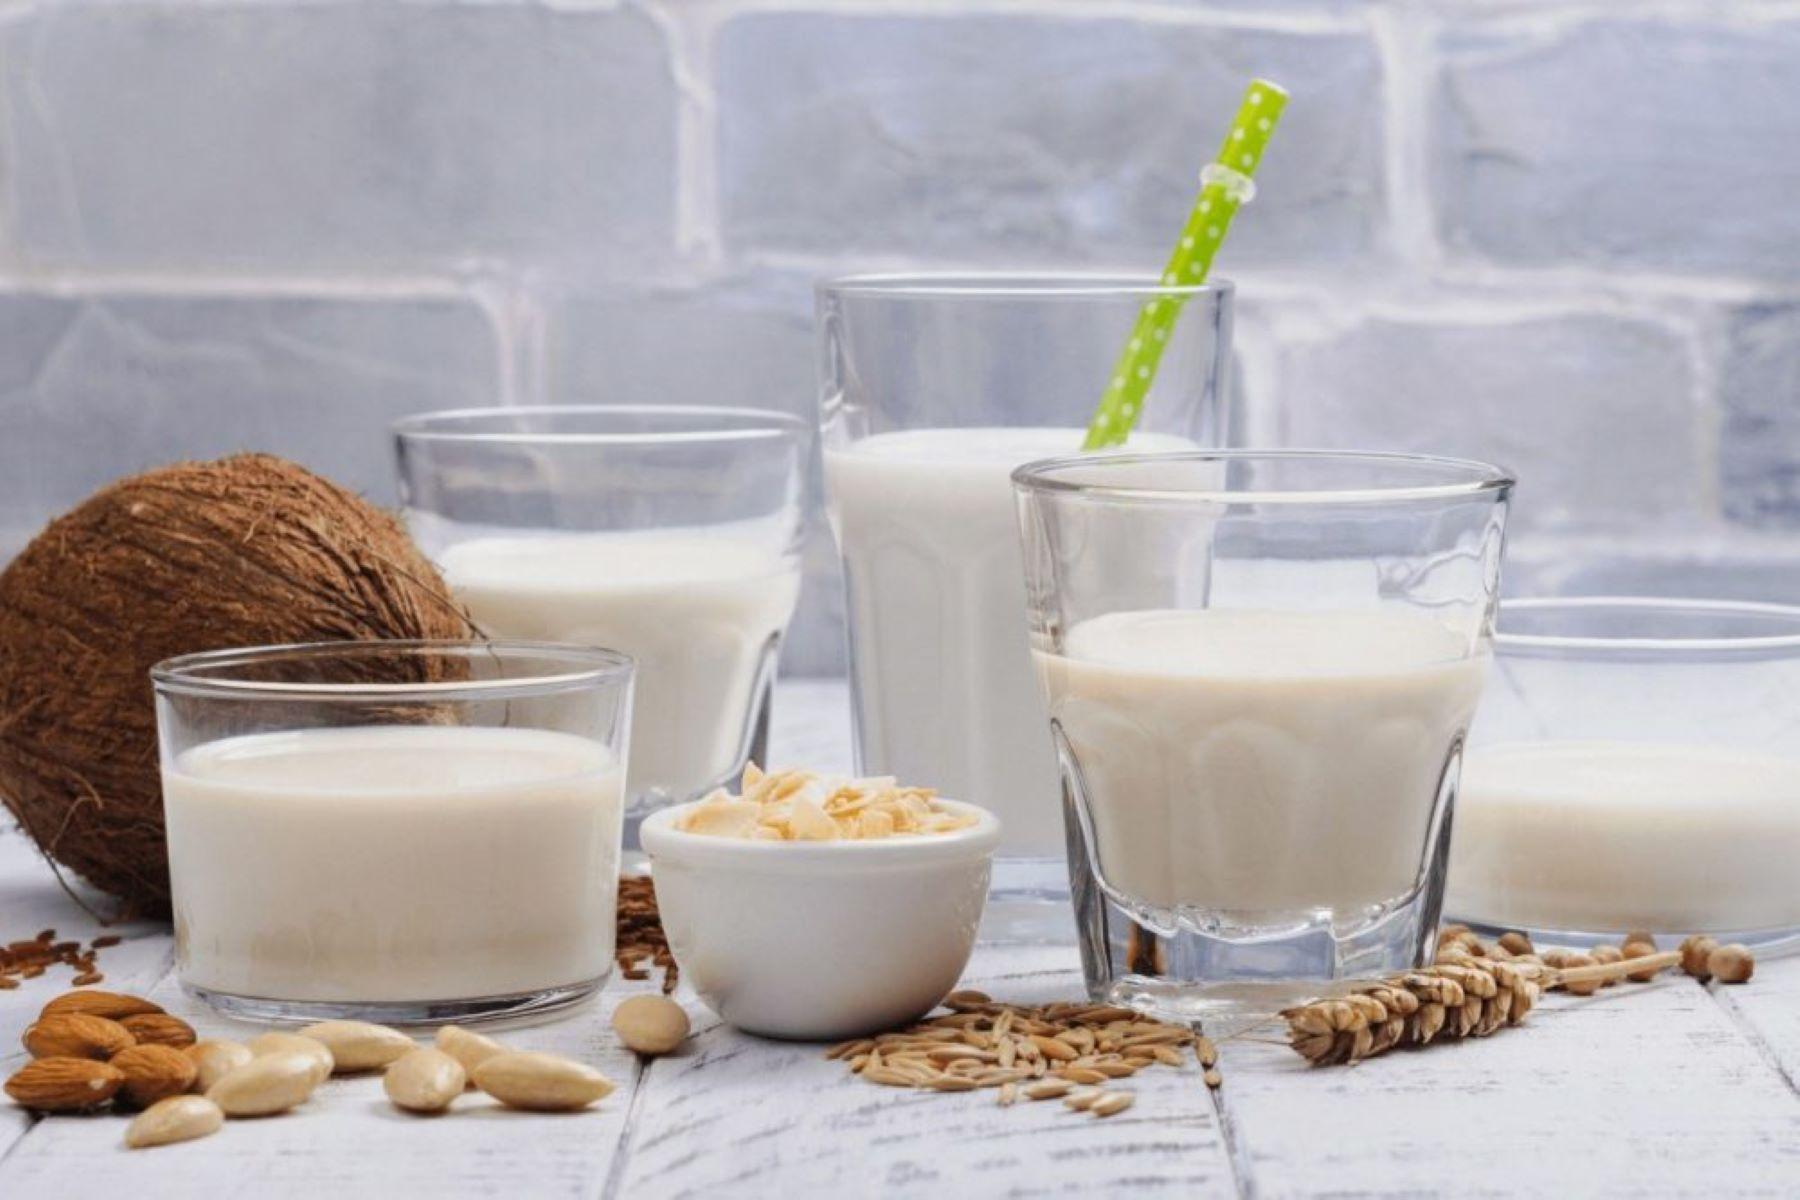 Γαλακτοκομικά προϊόντα πίεση μικροβίωμα: Τα αγαπημένα ζυμωμένα τρόφιμα που ρυθμίζουν την πίεση